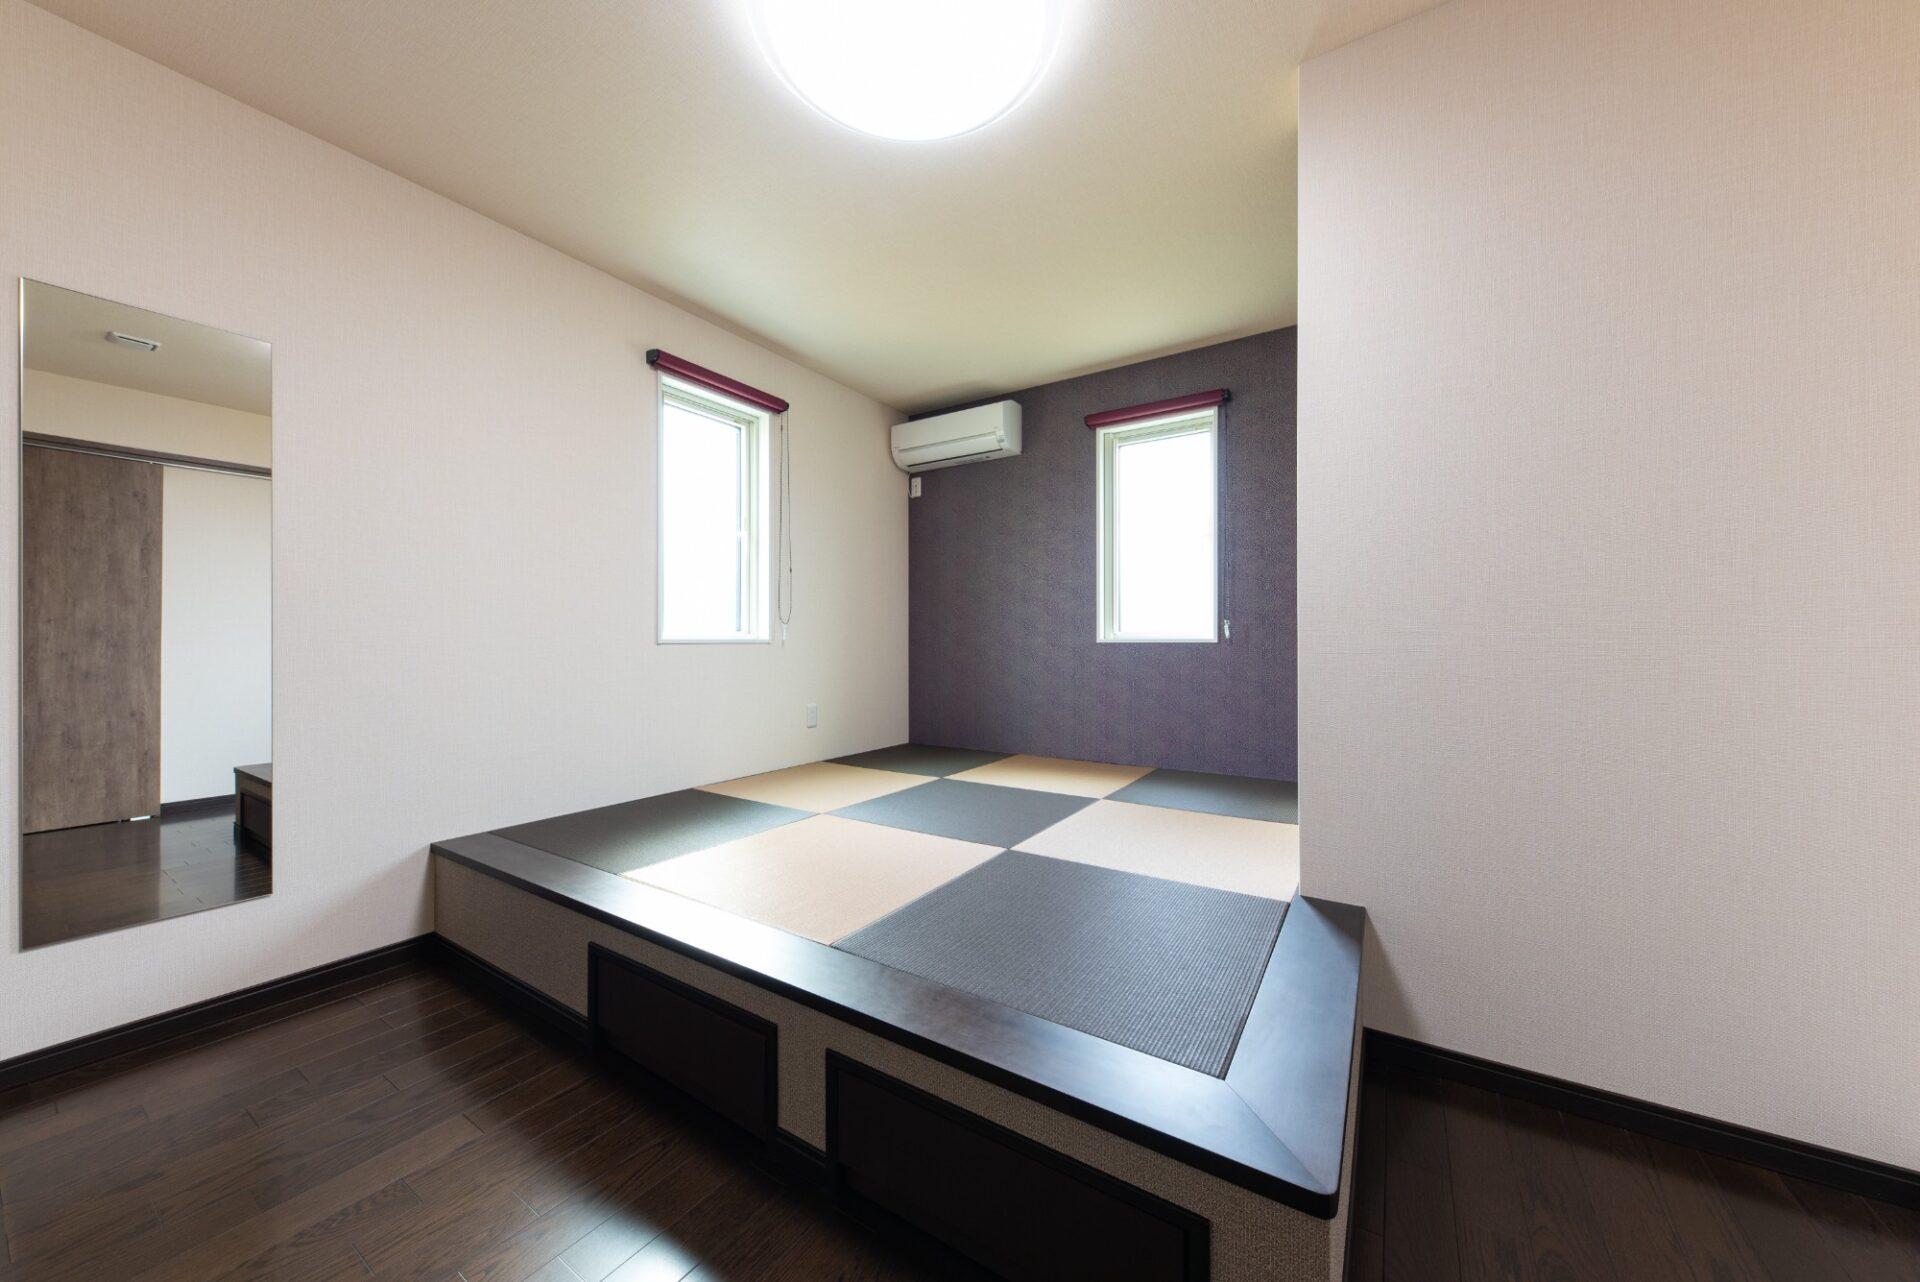 ボルダリングウォールが特徴的なモダン住宅(クレバリーホーム新潟 (株)又助組)